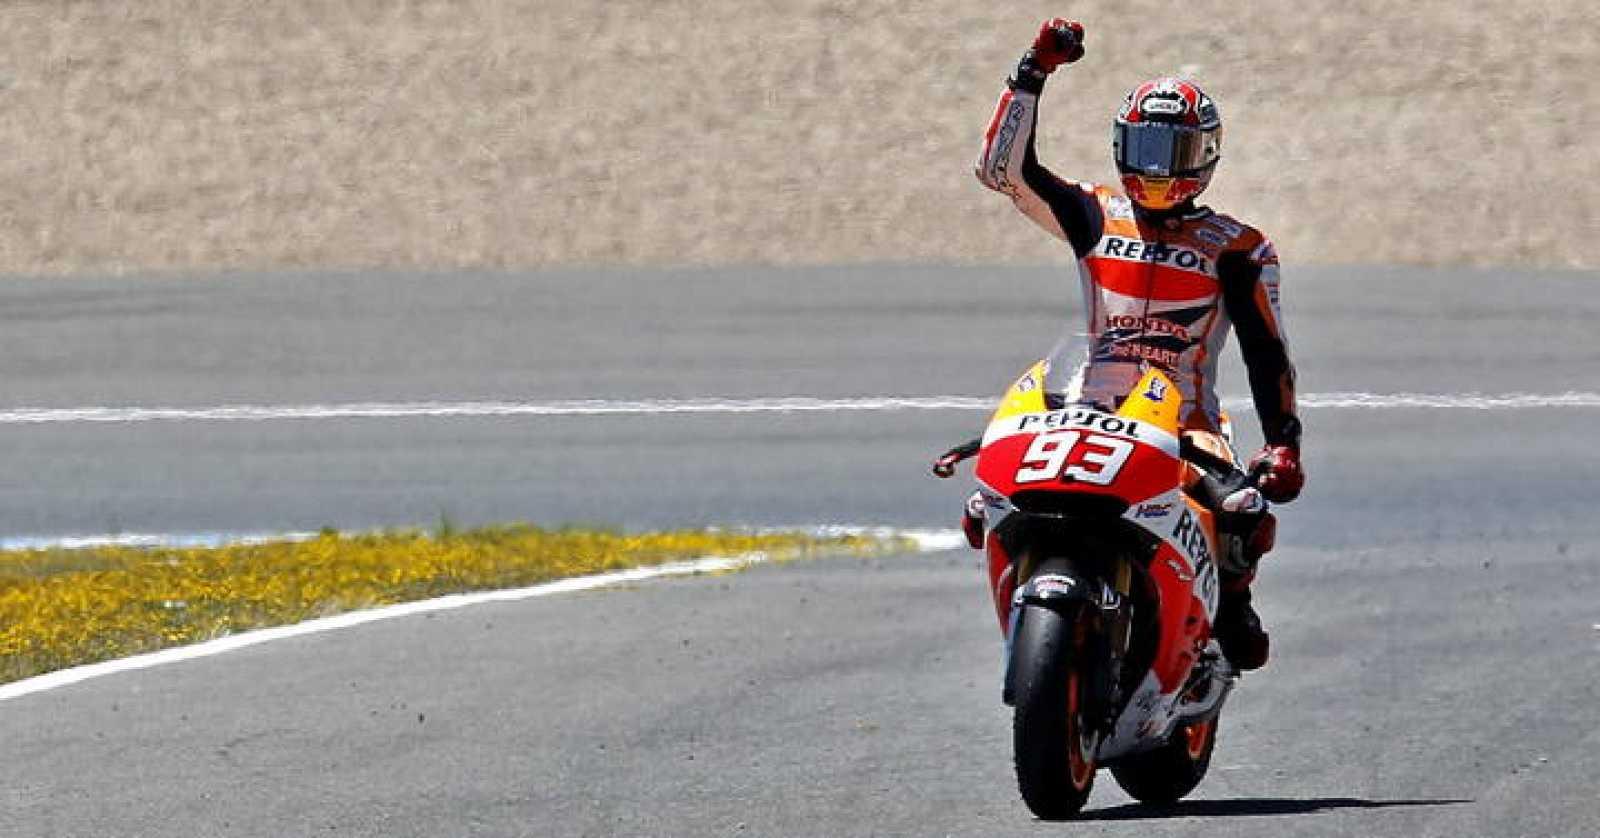 Imagen del piloto español de MotoGP Marc Márquez tras proclamarse vencedor en el Gran Premio de España.